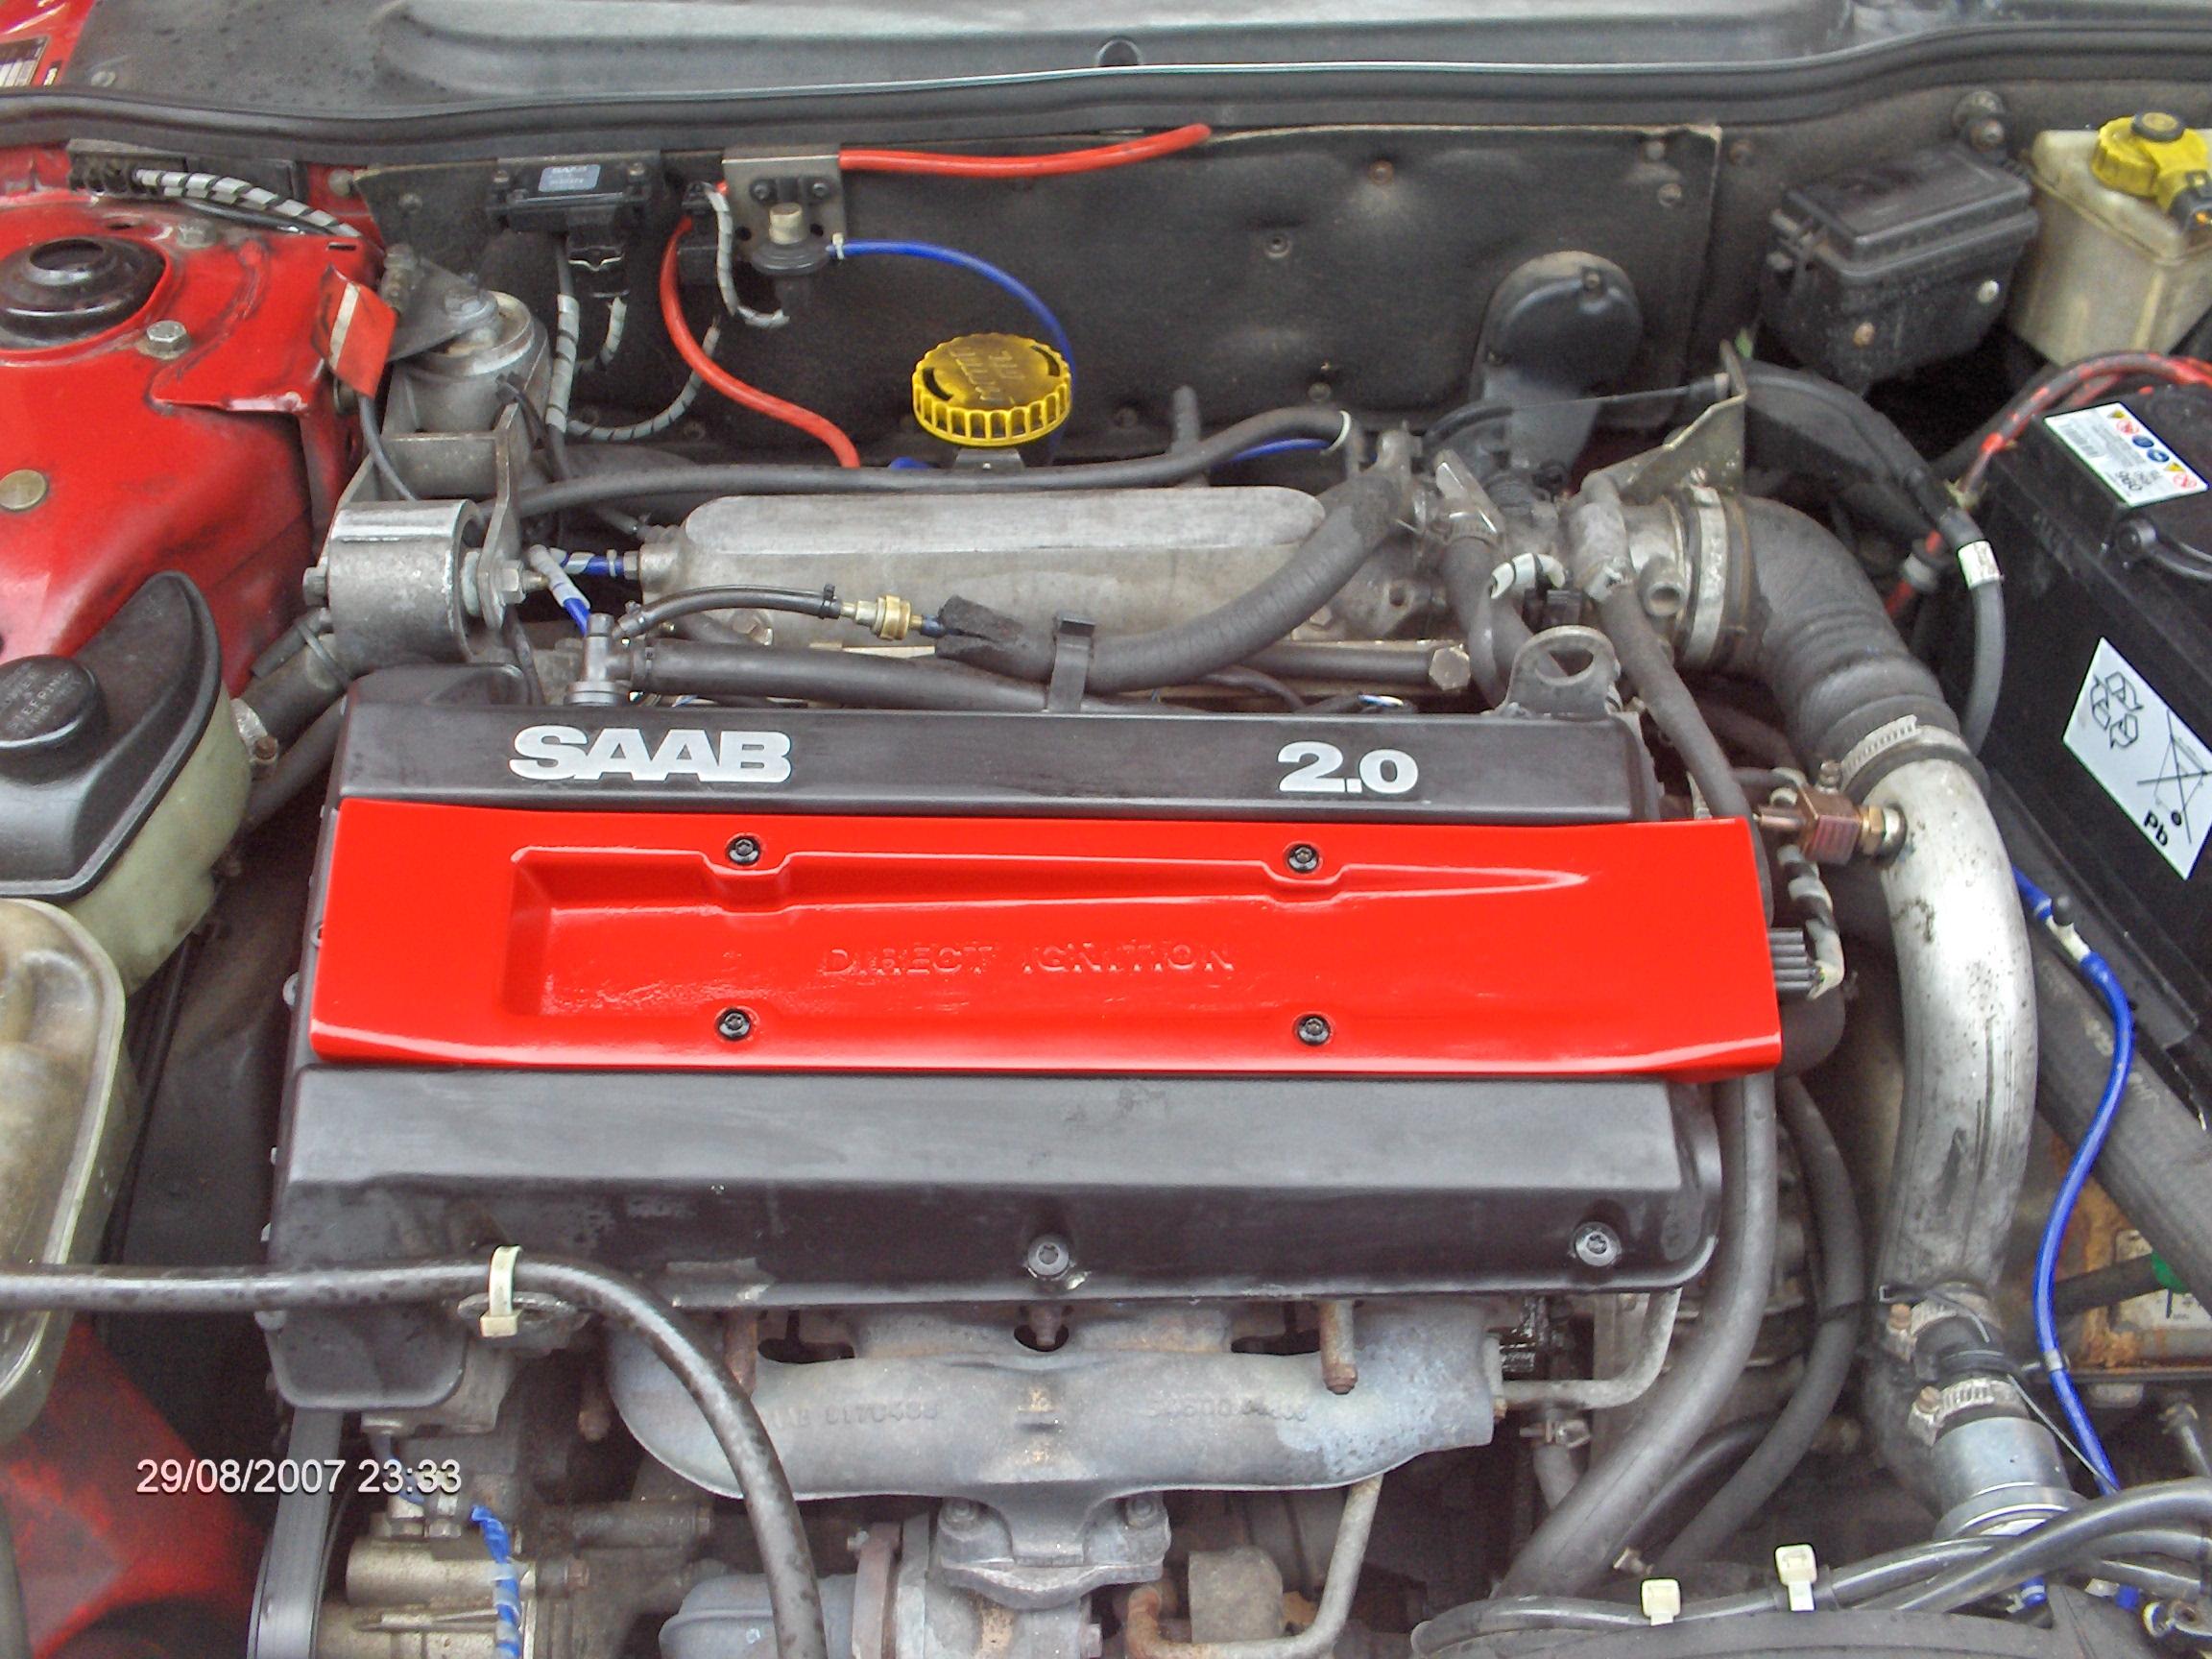 Saab 9000 2.0 -16 Turbo